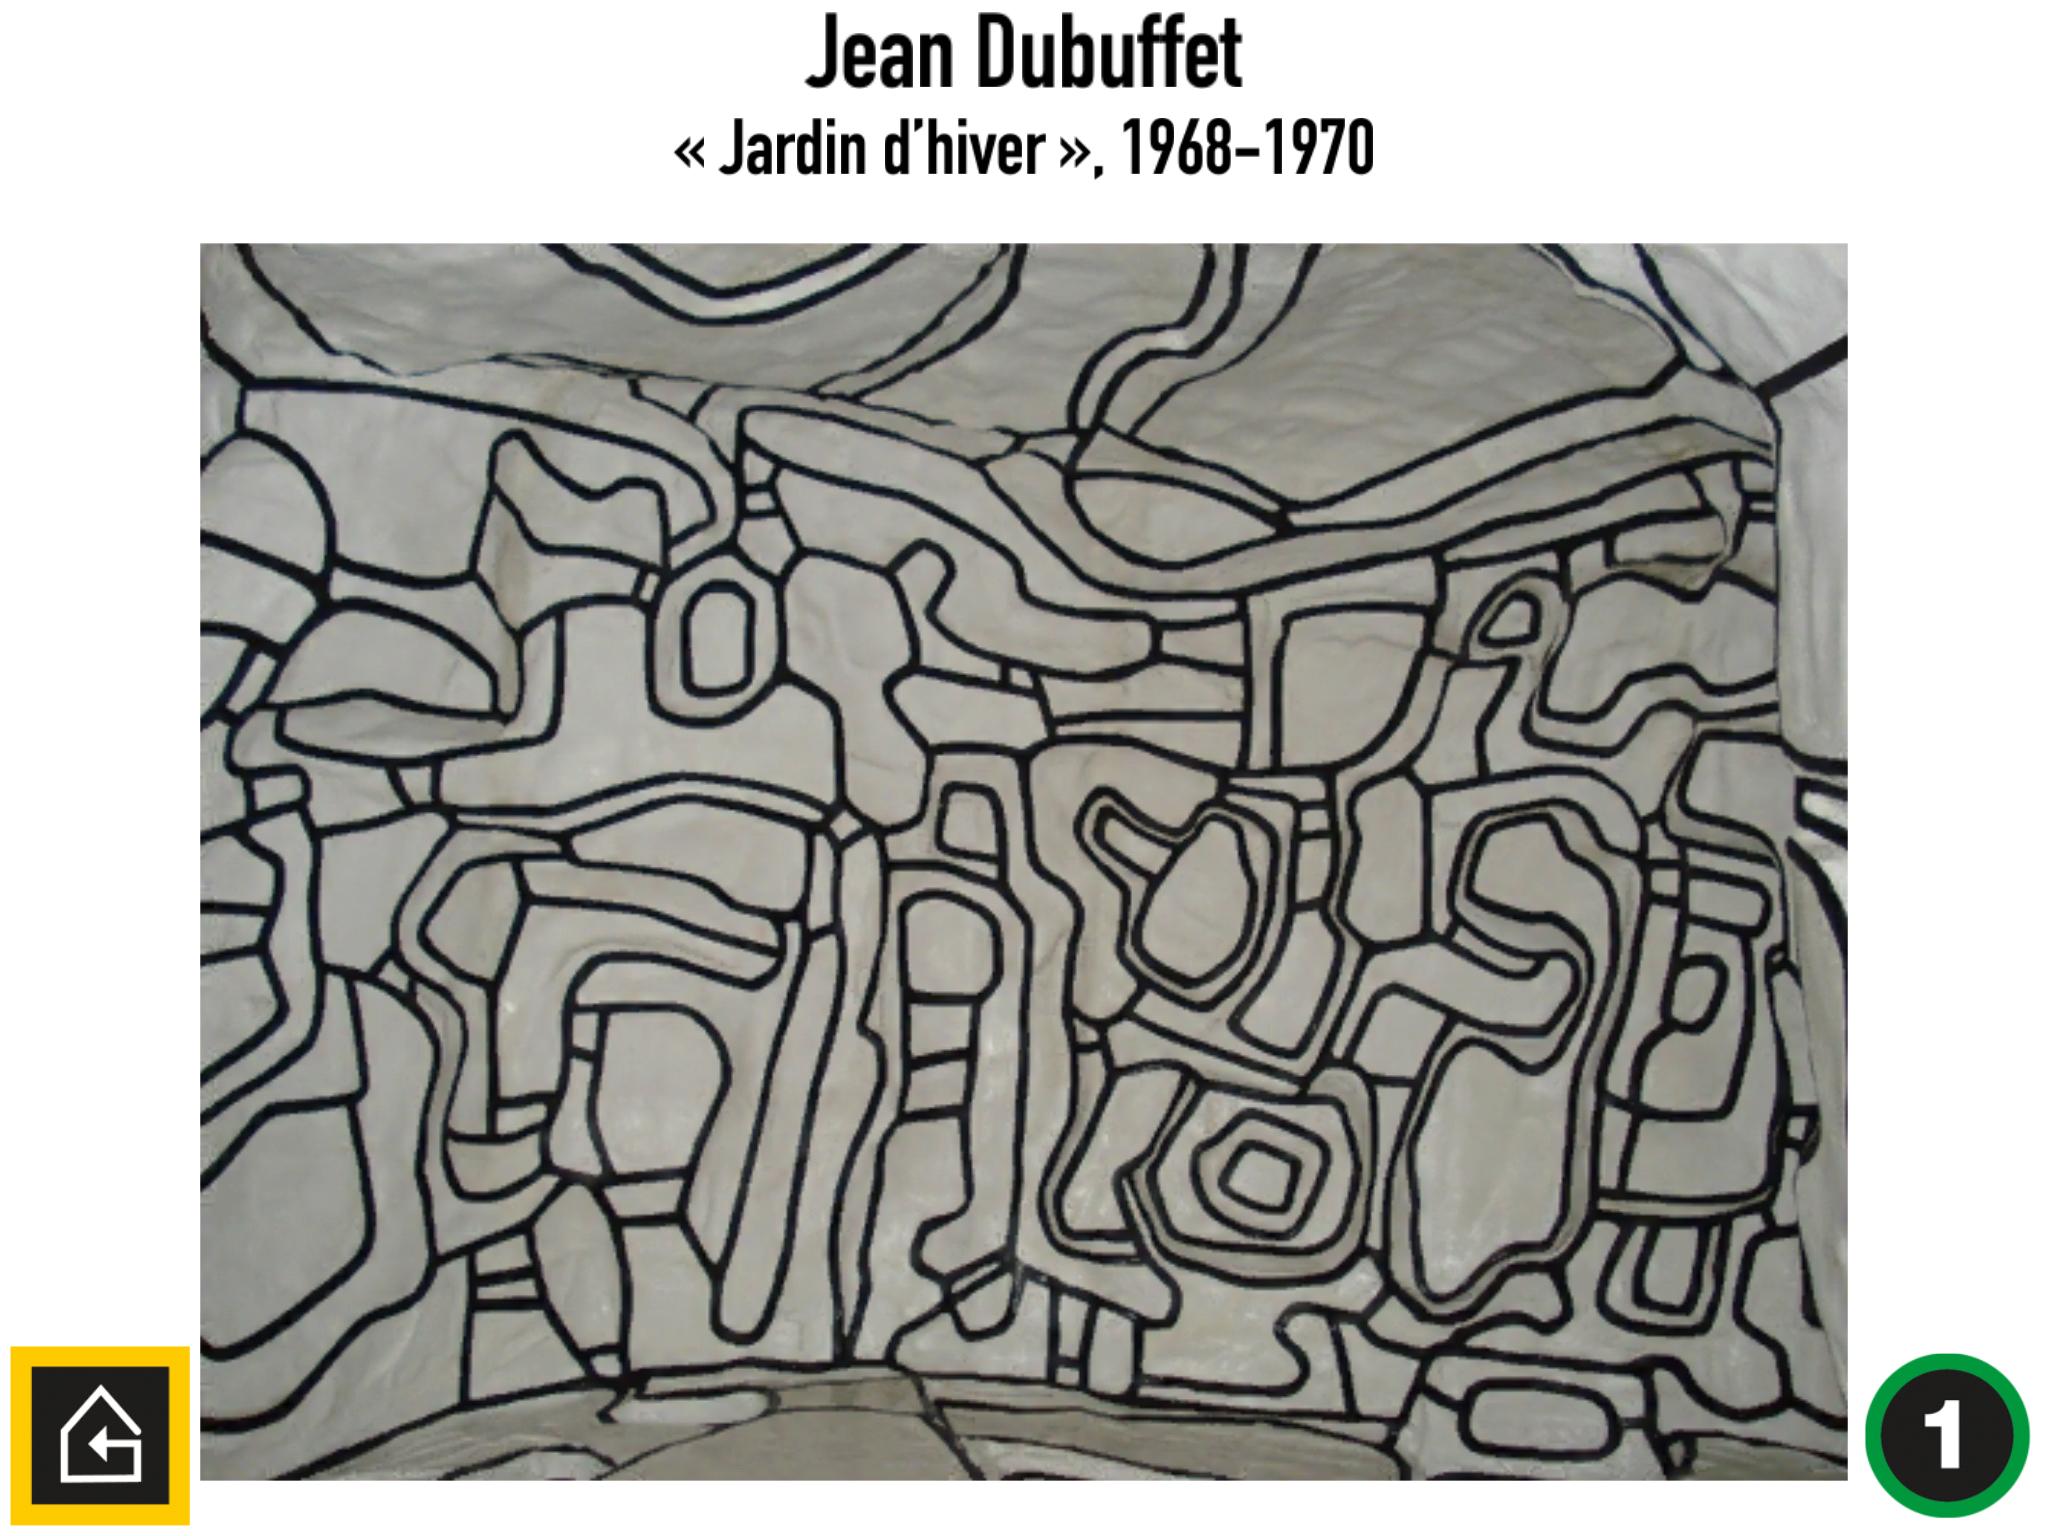 Oeuvre de Dubuffet